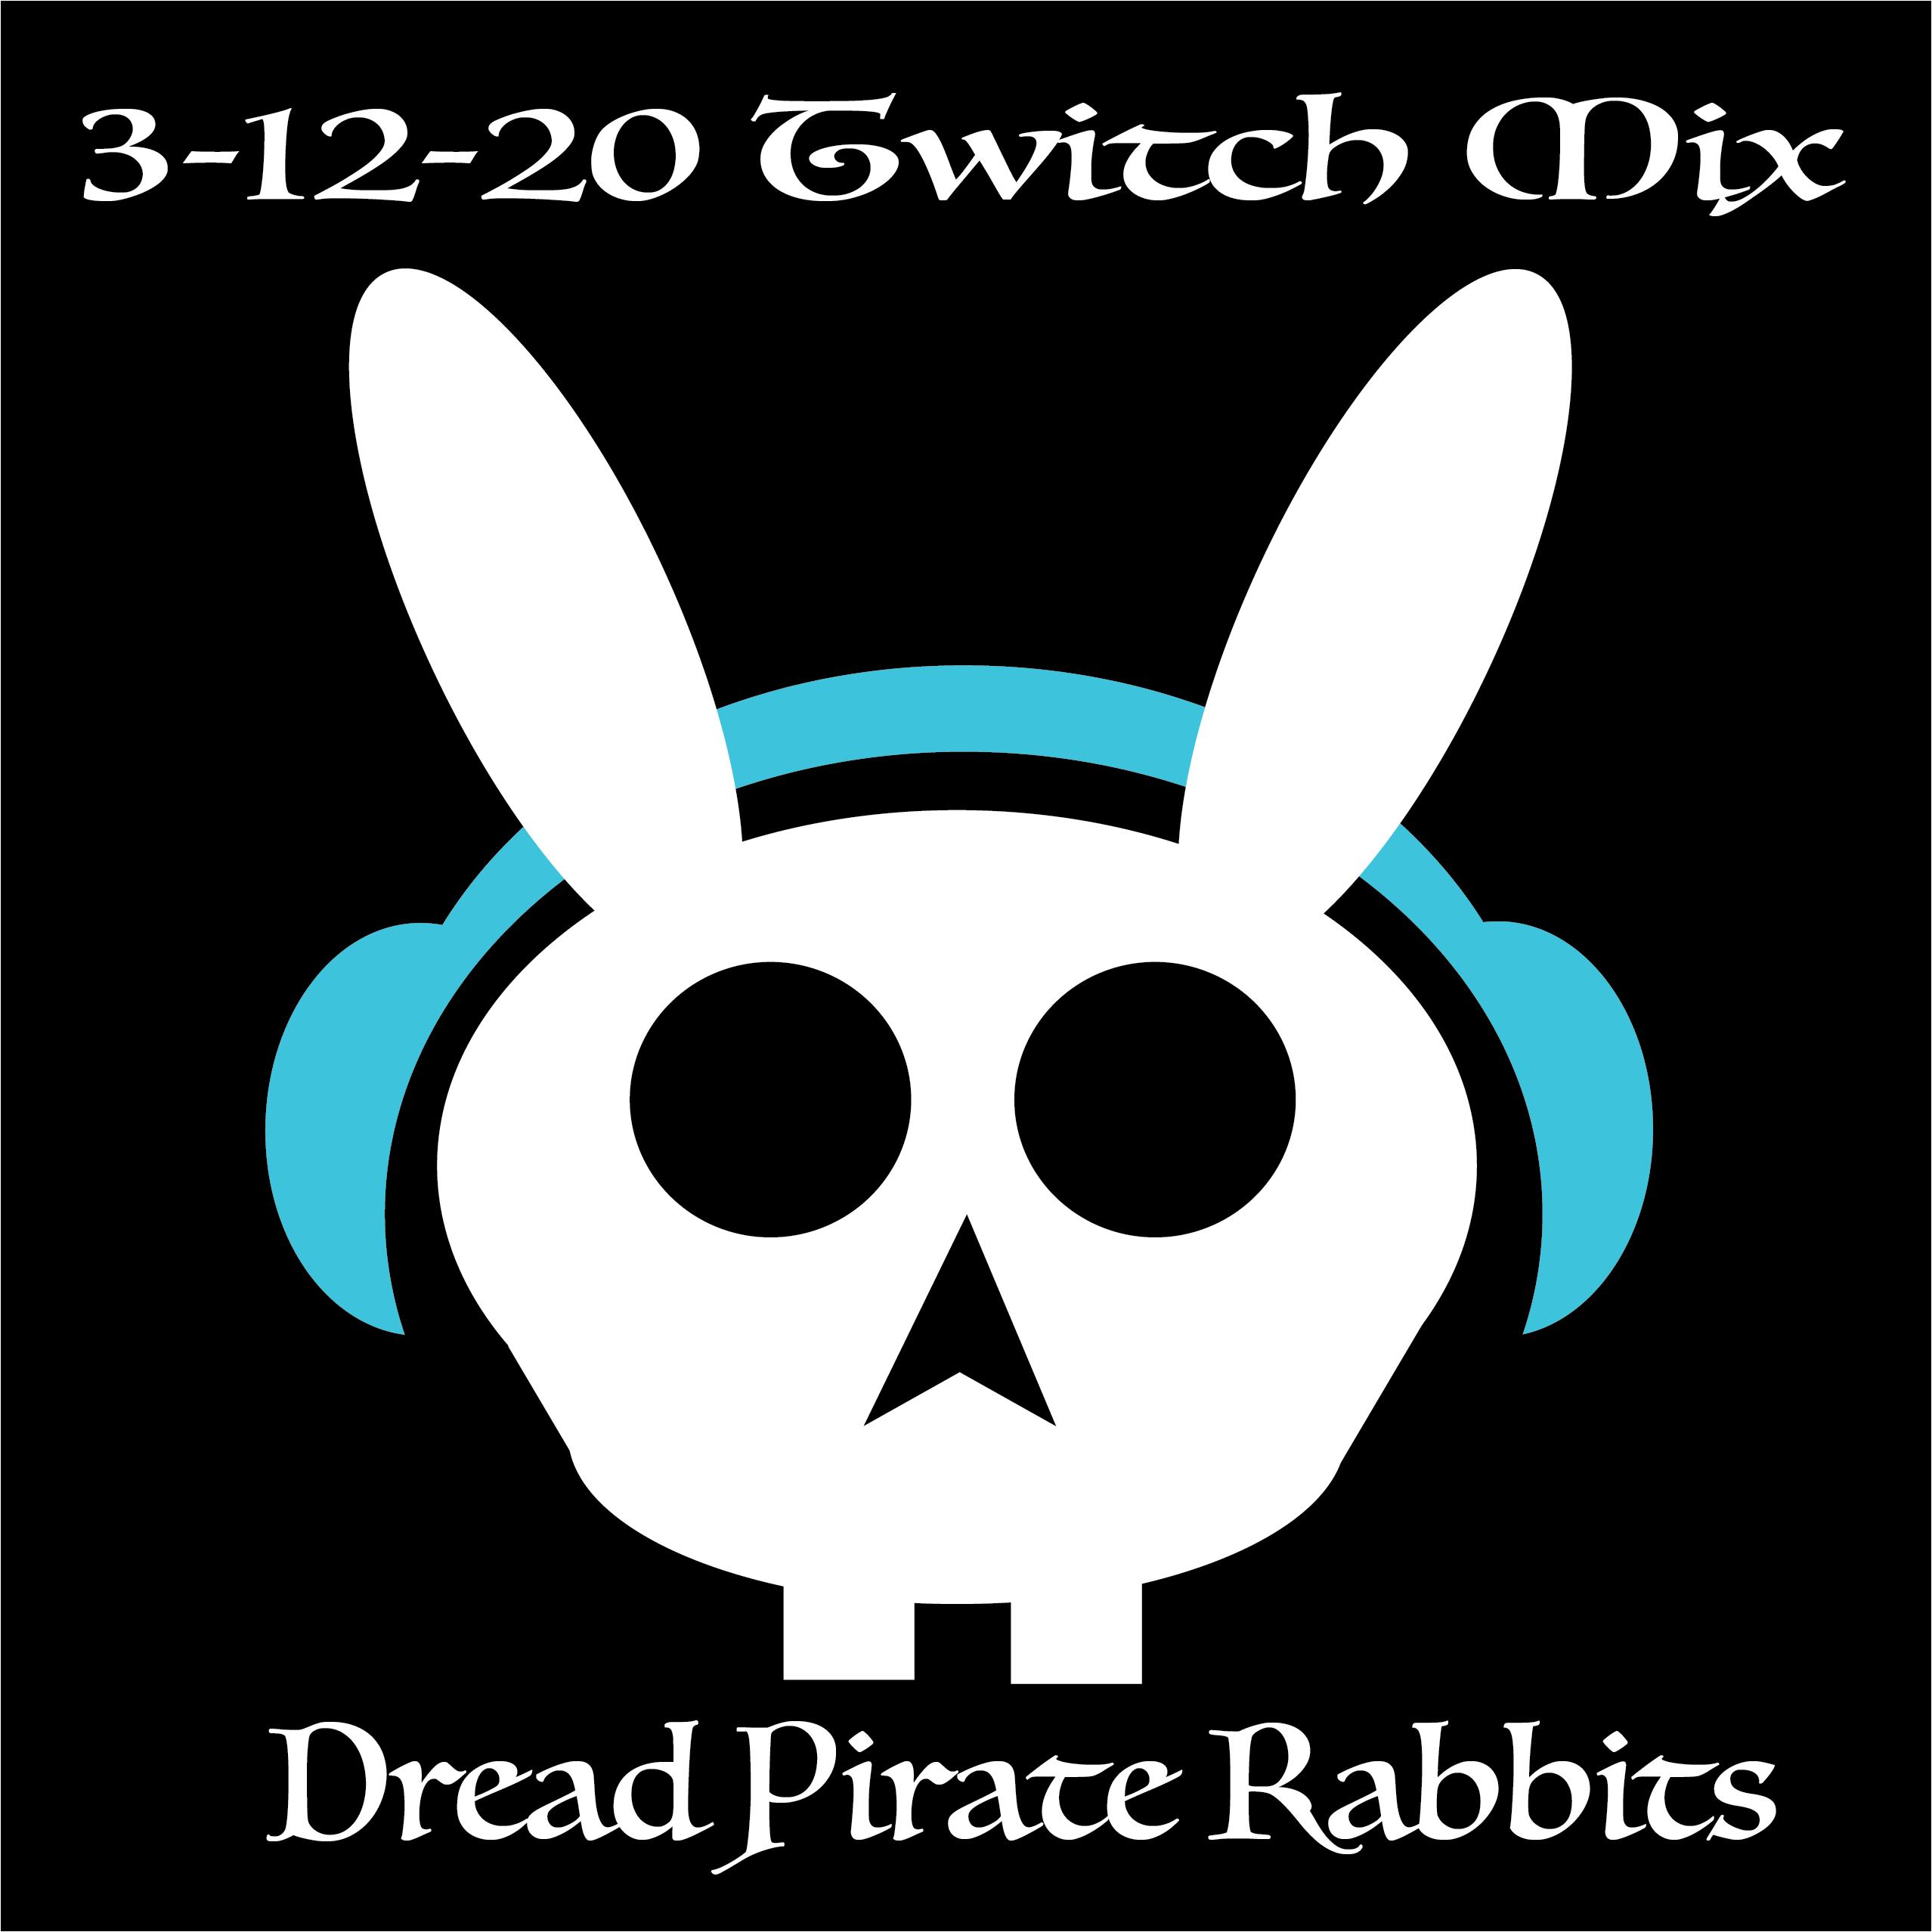 Twitch Stream 3-12-20